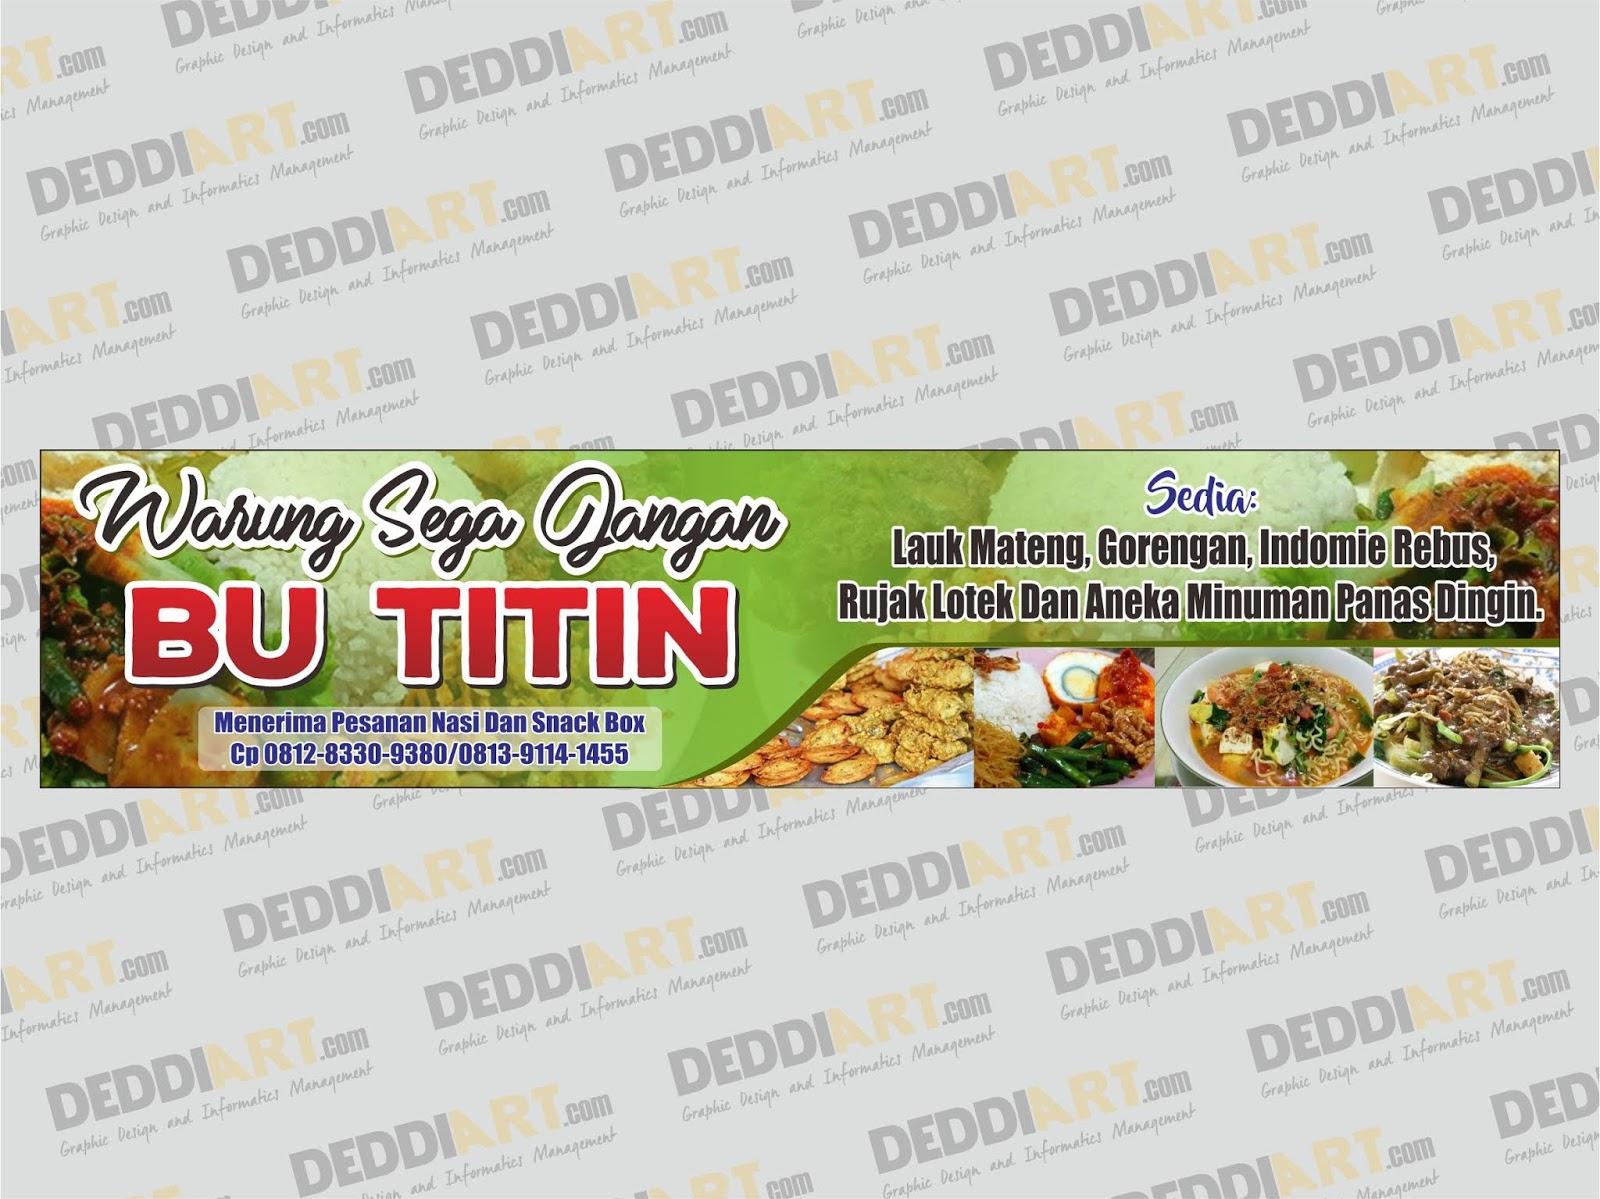 Contoh Desain Banner Makanan Cdr - gambar spanduk